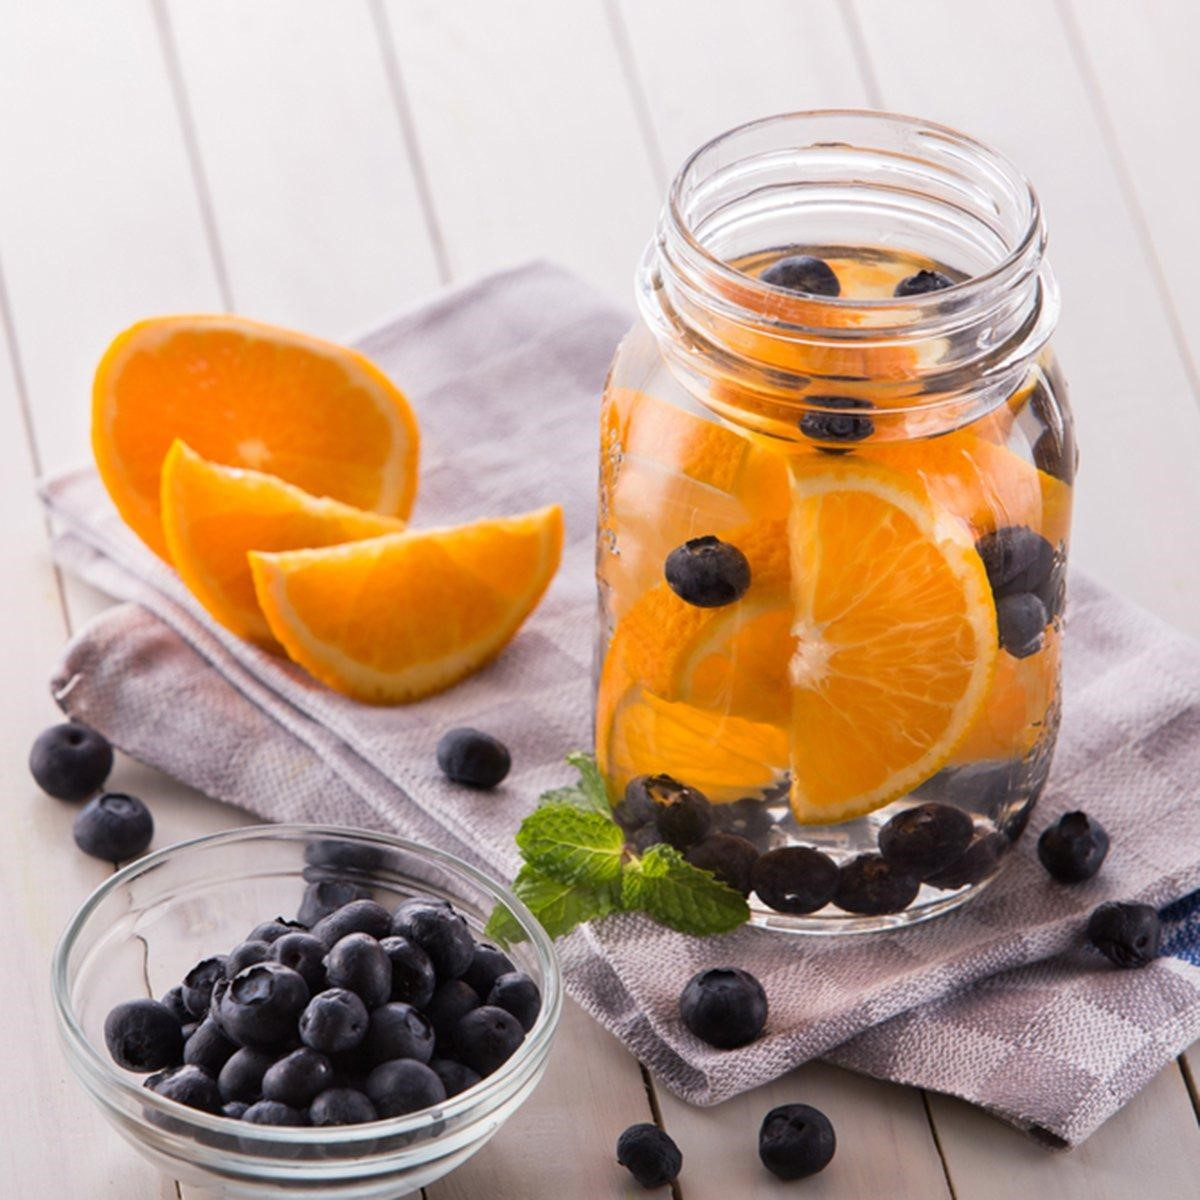 những loại trái cây nào hỗ trợ giảm cân hiệu quả